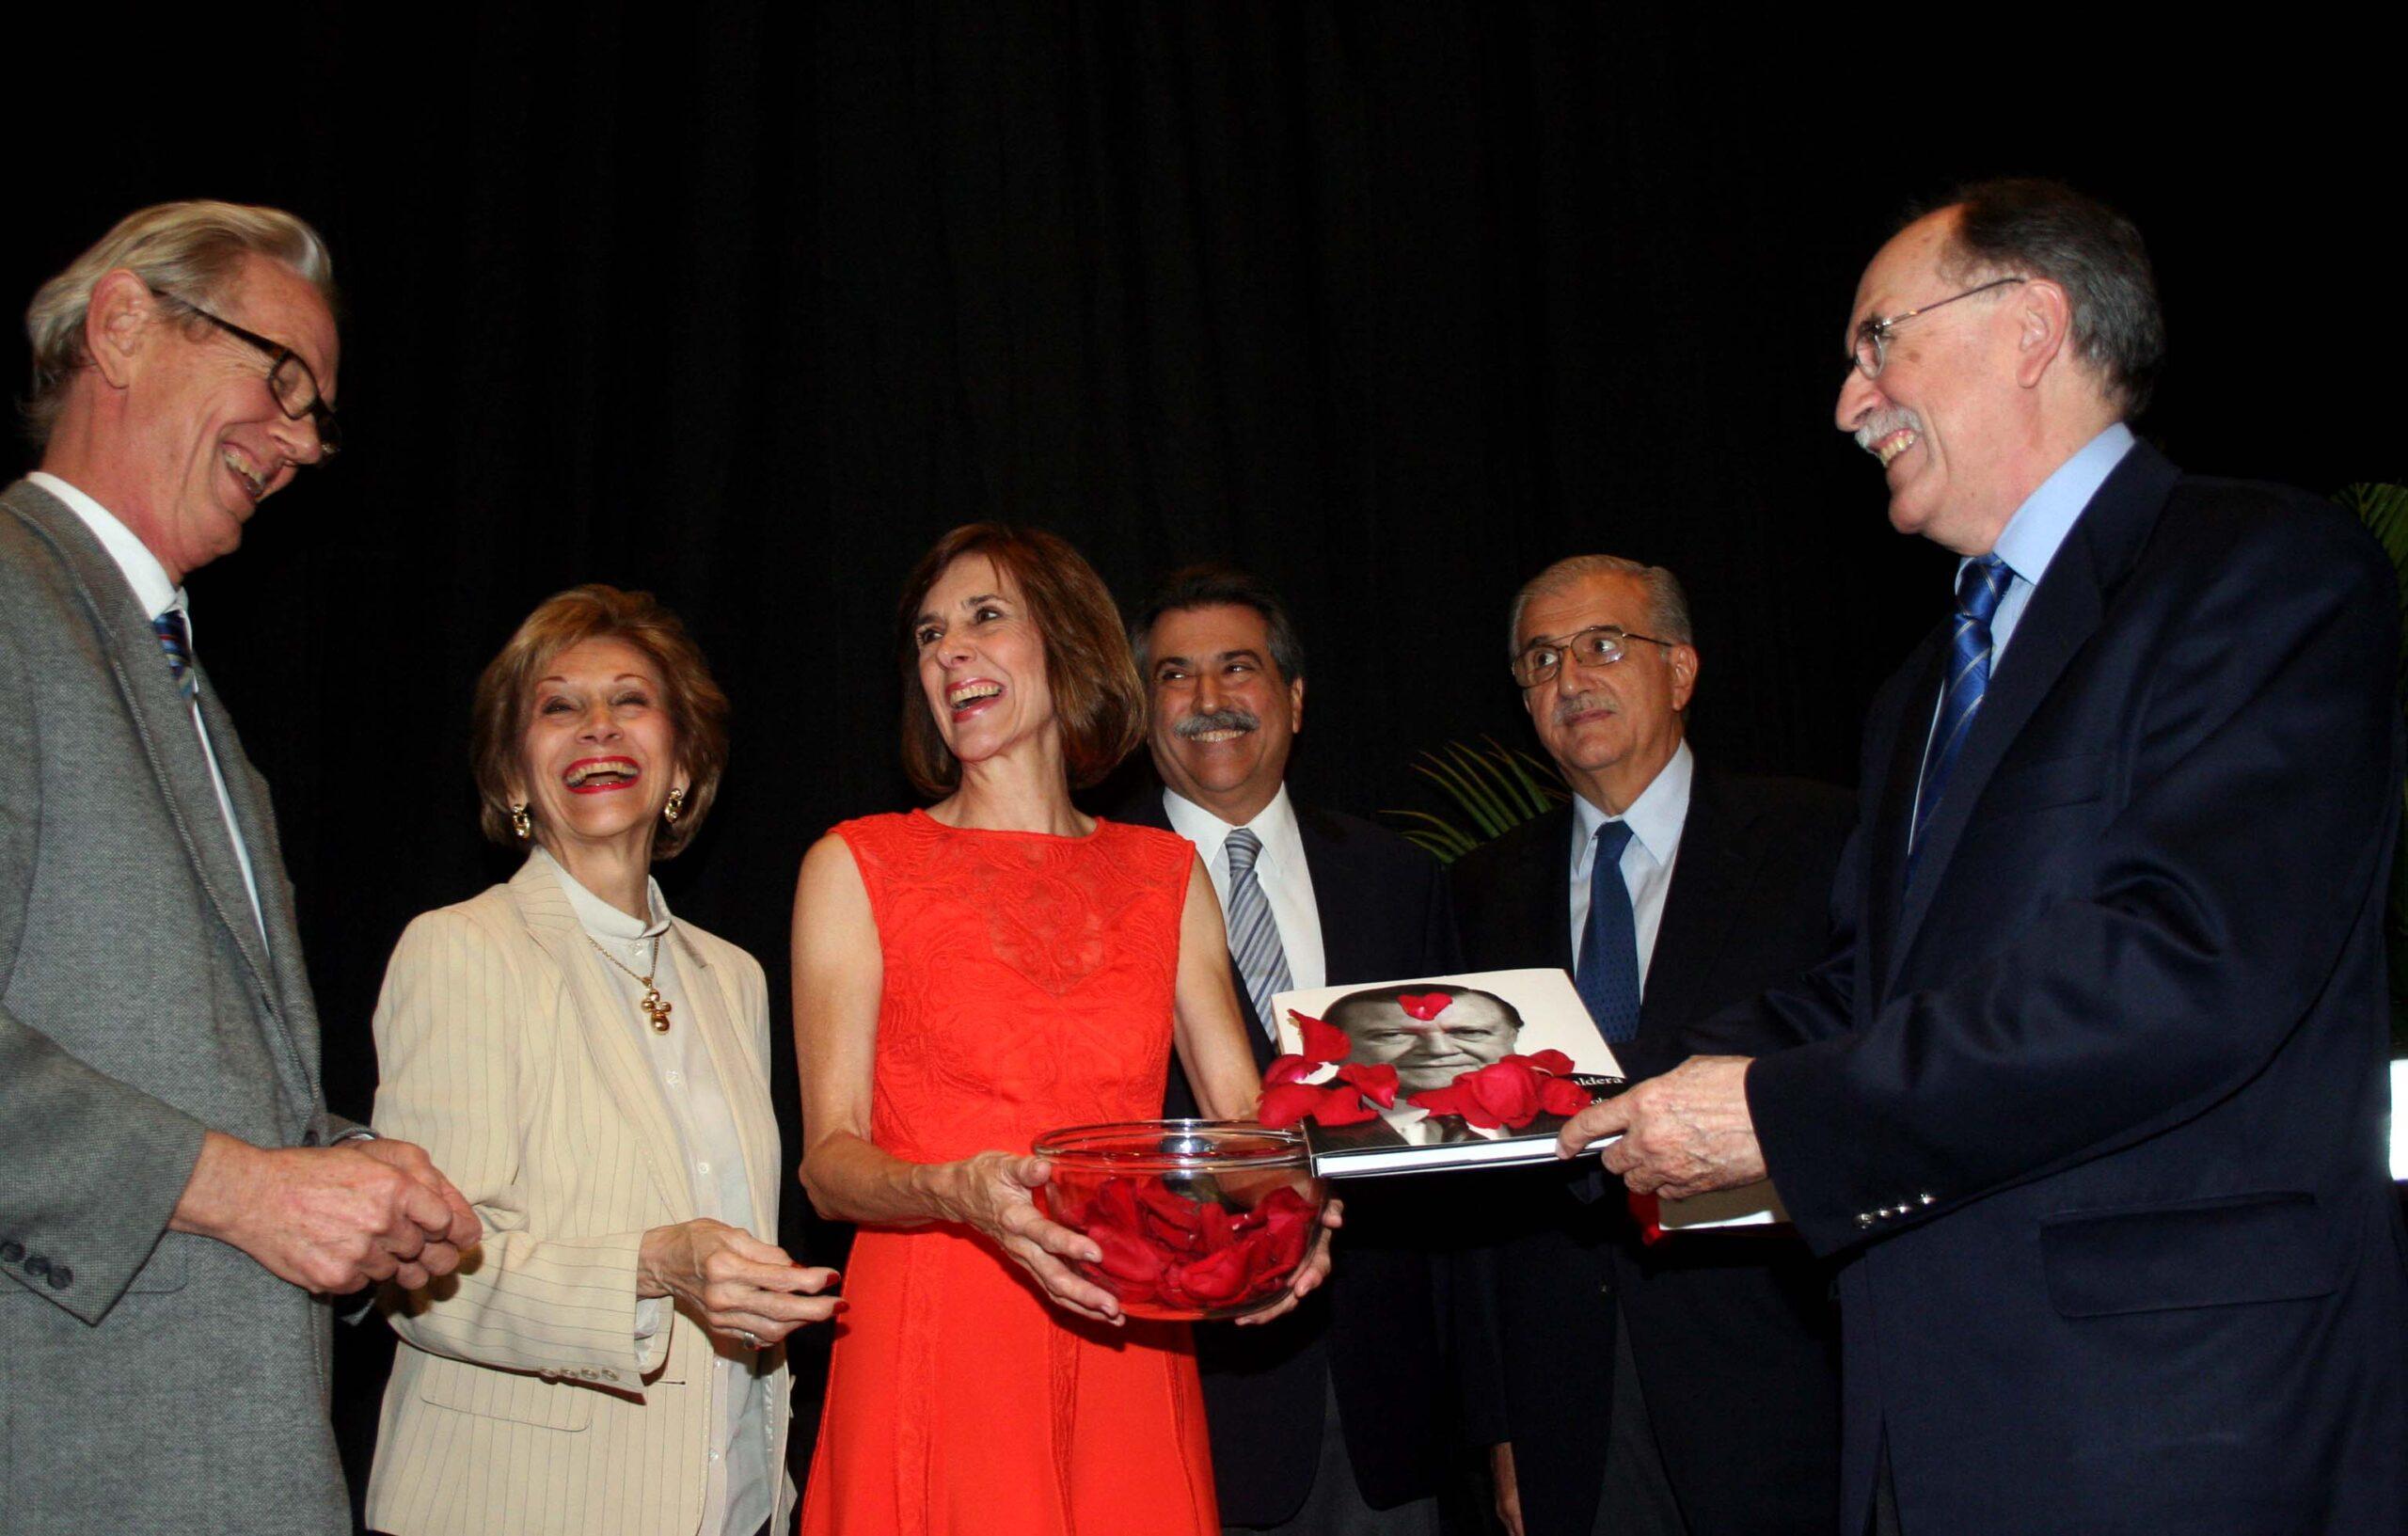 El 24 de enero de 2016 se realizó el acto central de la celebración del natalicio de Rafael Caldera.